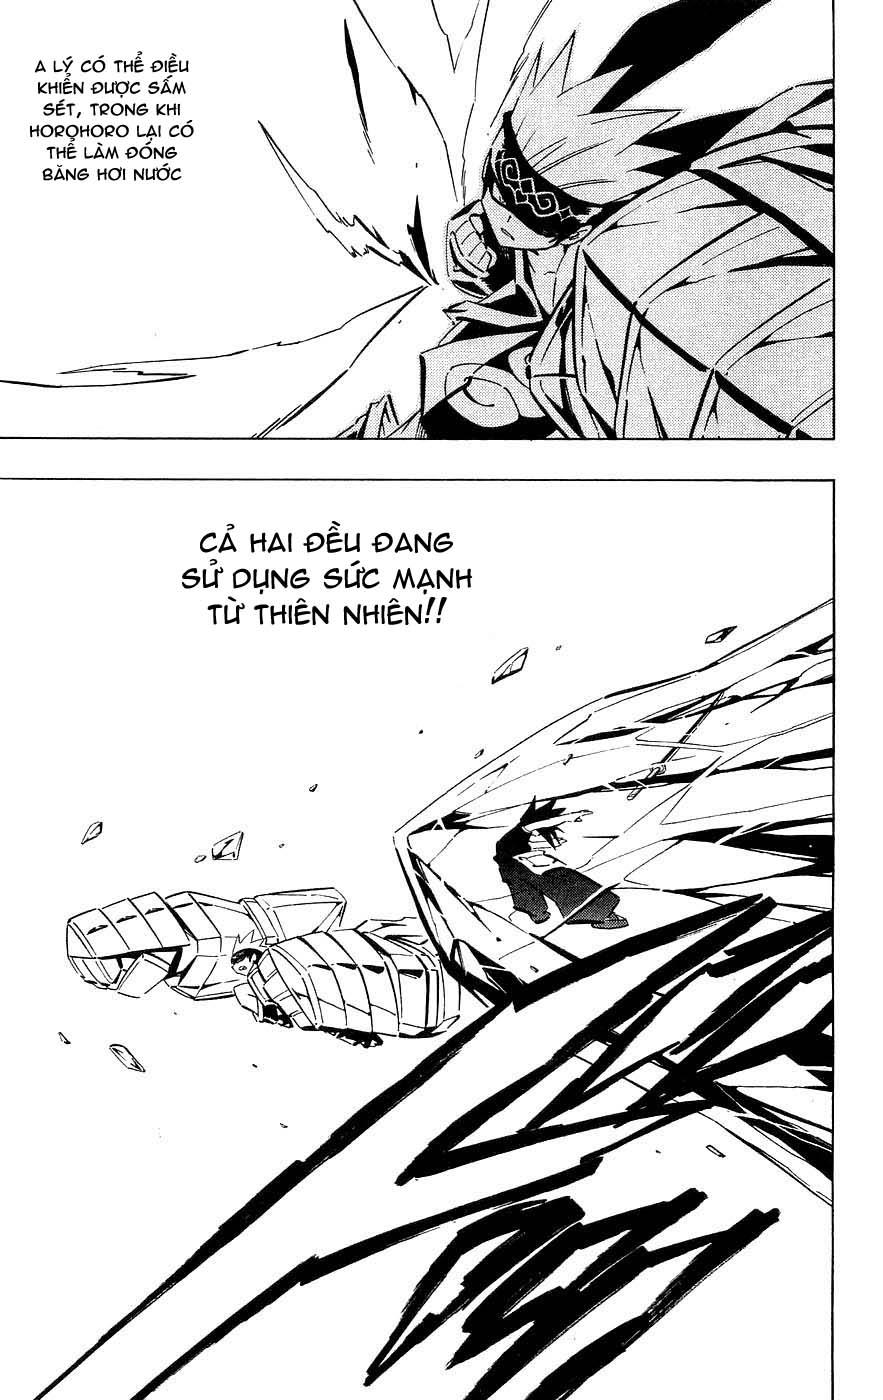 Vua Pháp Thuật-Shaman King chap 255 Trang 6 - Mangak.info